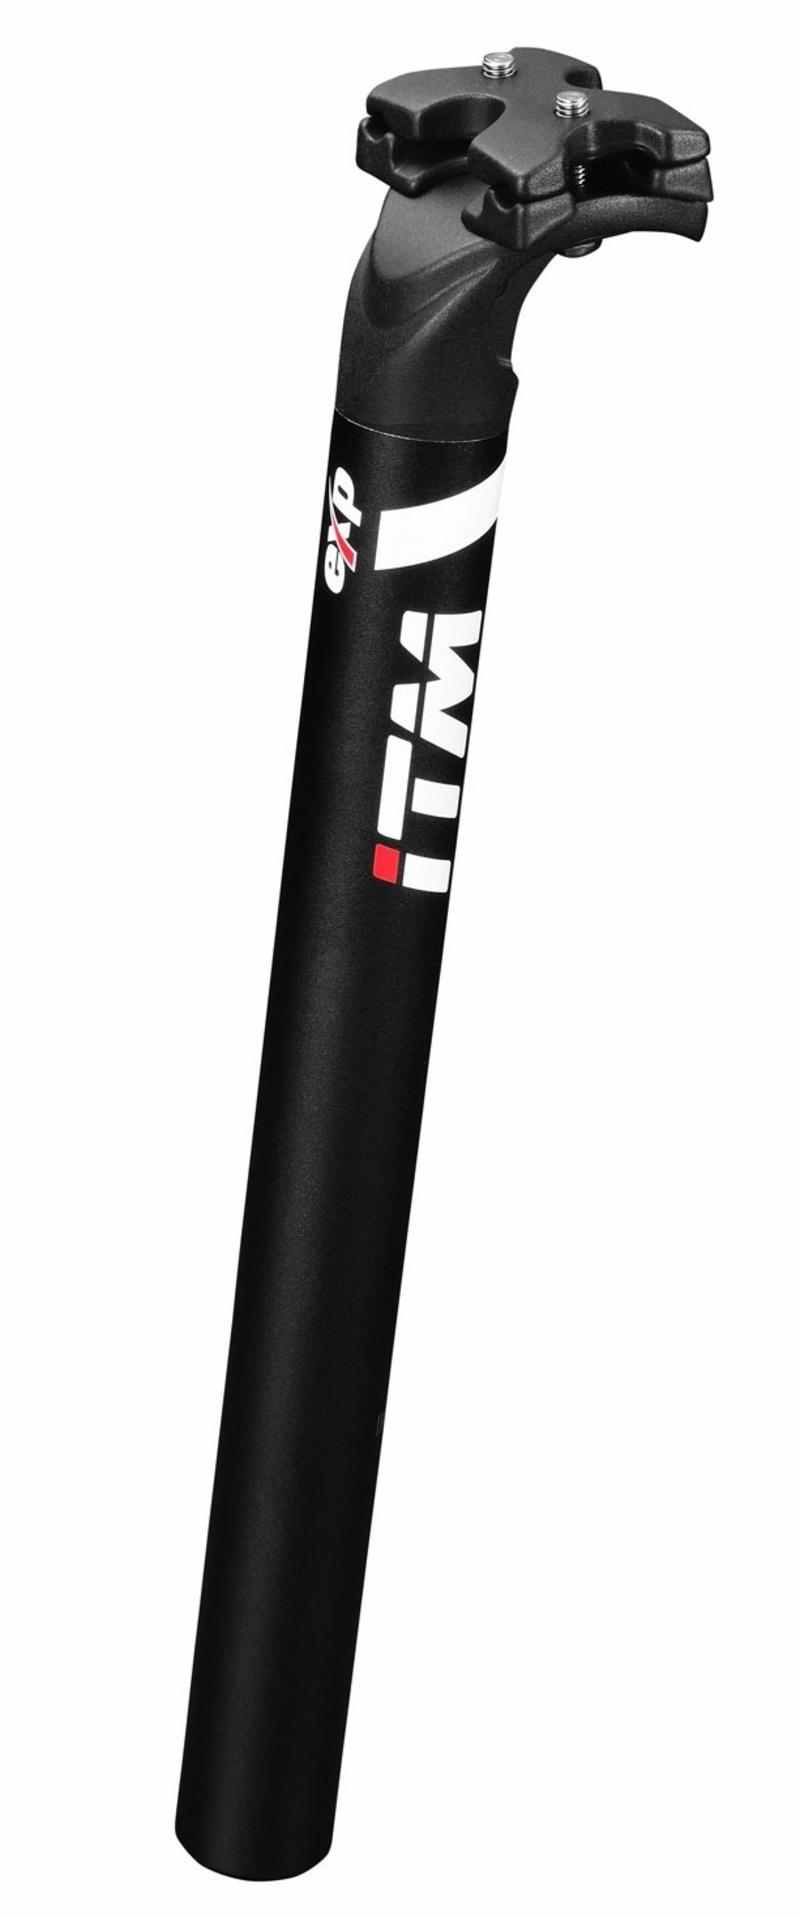 ITM sedlovka EXP 350mm hliníková, černá matná